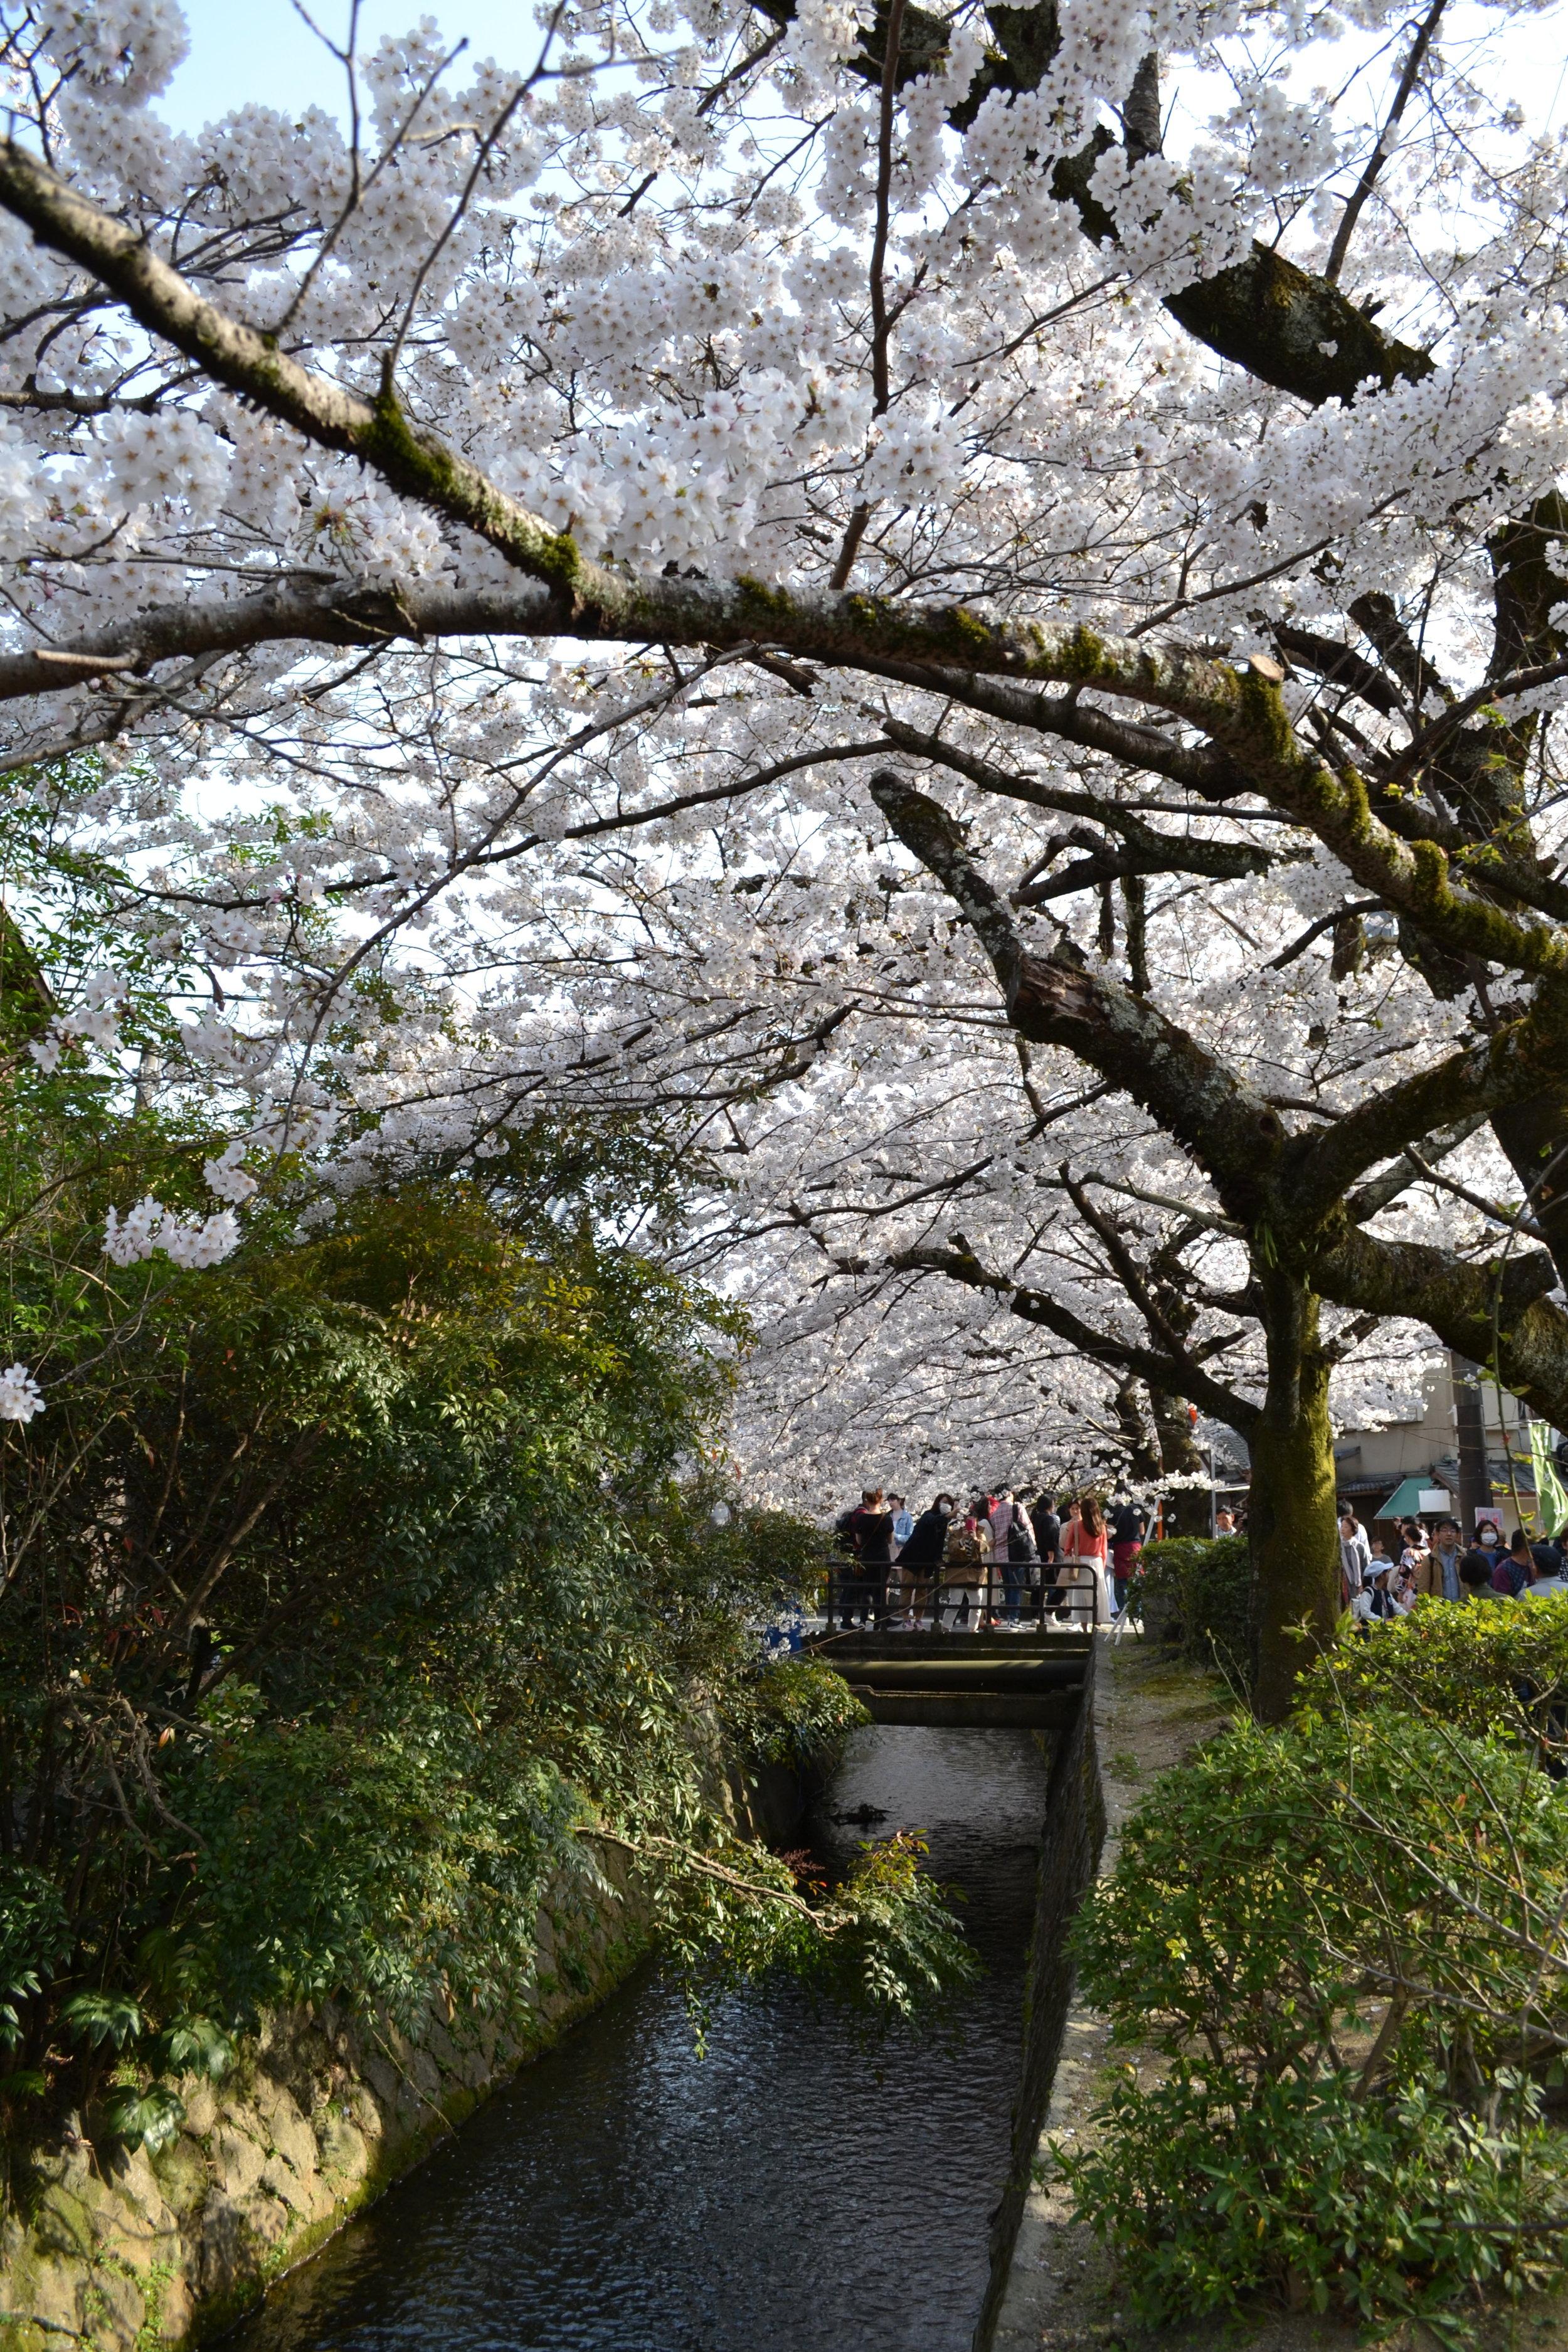 Arriba de la agua habían puentes angostas donde podía tomar foto de las flores de ceraca, pero estaban muy llenos de gente.